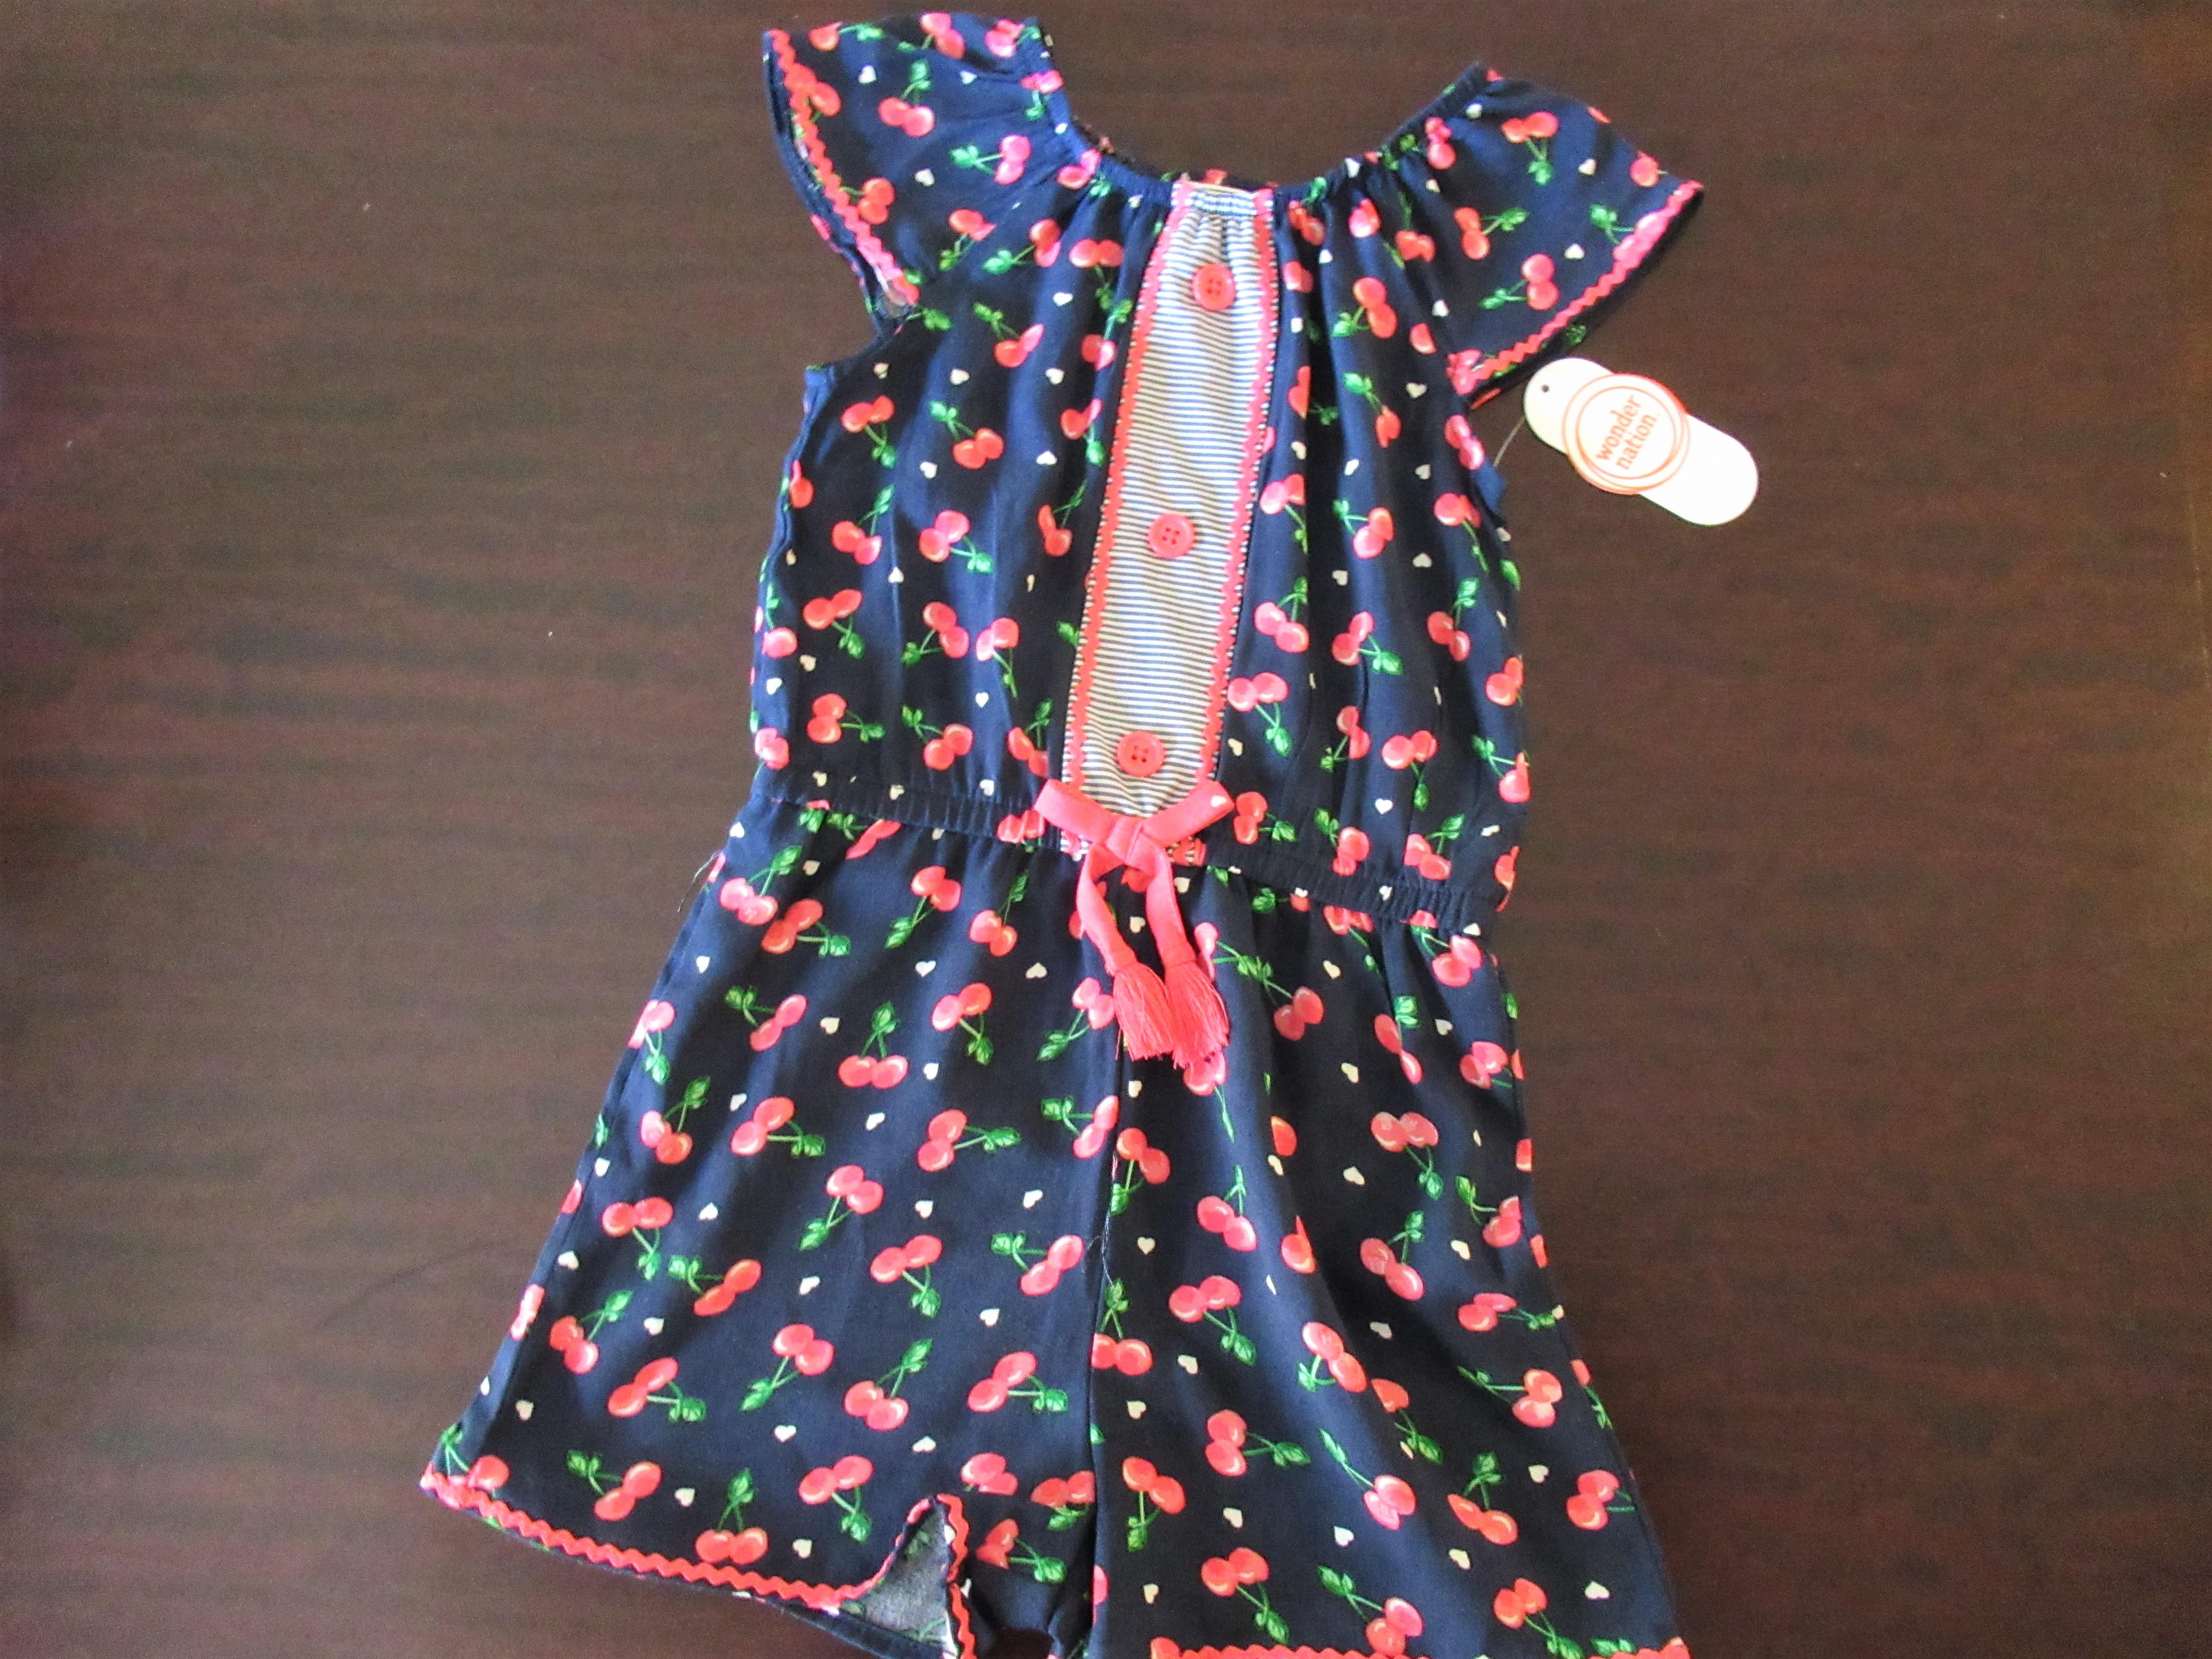 ハワイ旅行に子供服は何着必要?ギリギリの枚数で行ってみた結果…|子連れハワイブログ旅